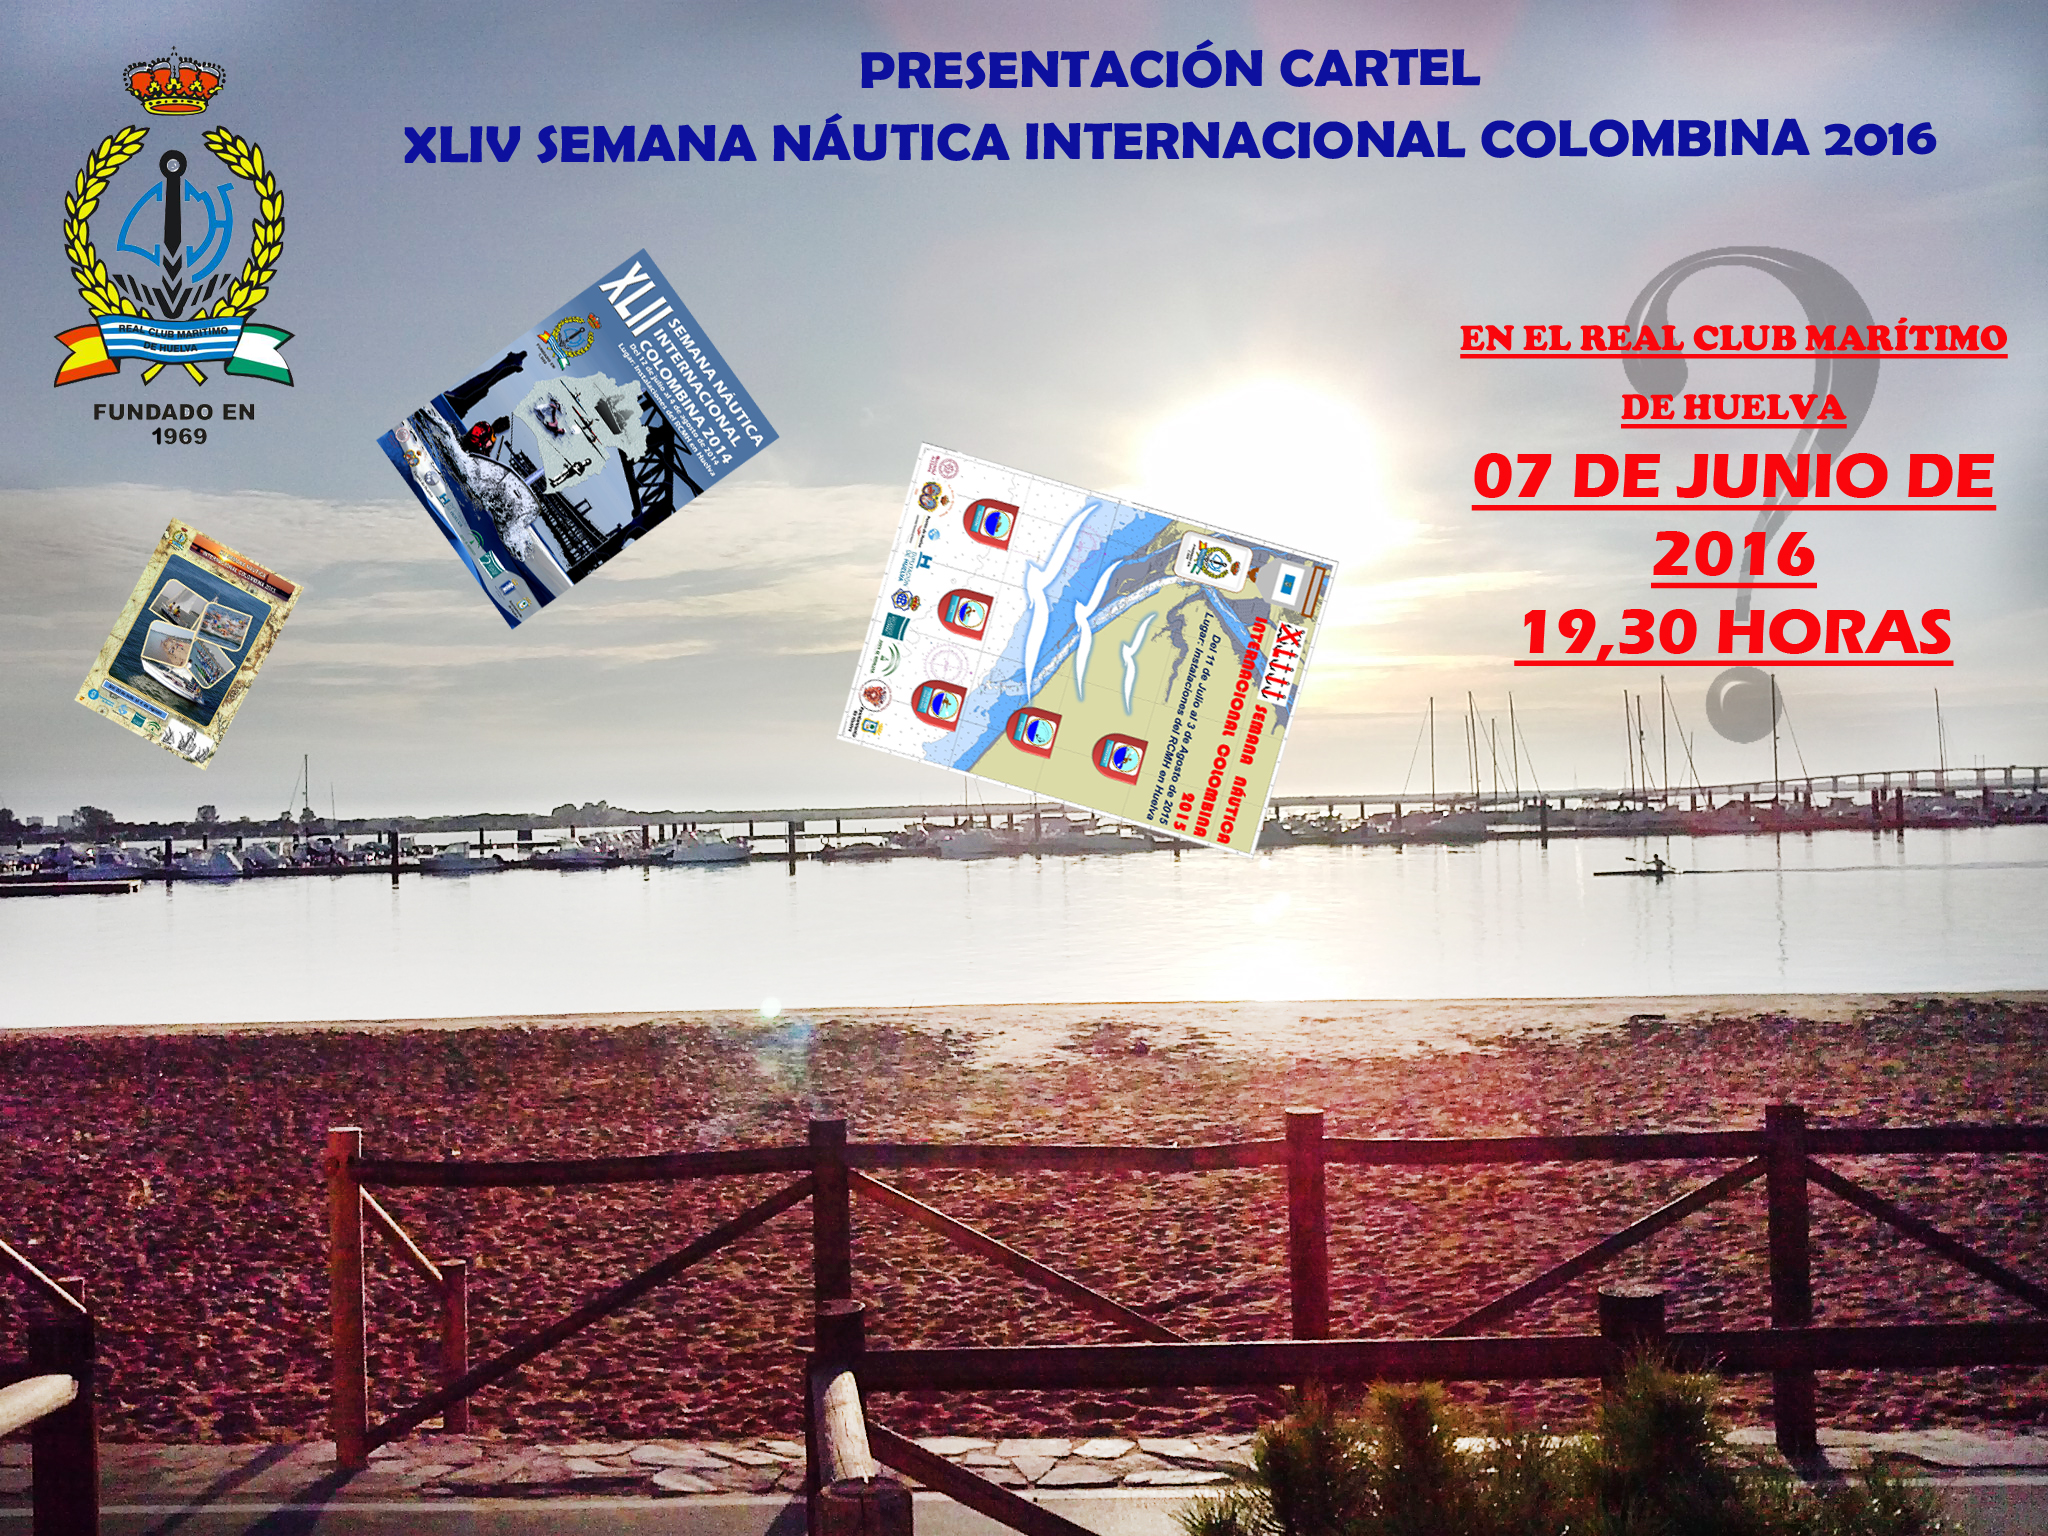 Presentación cartel SNIC 2016